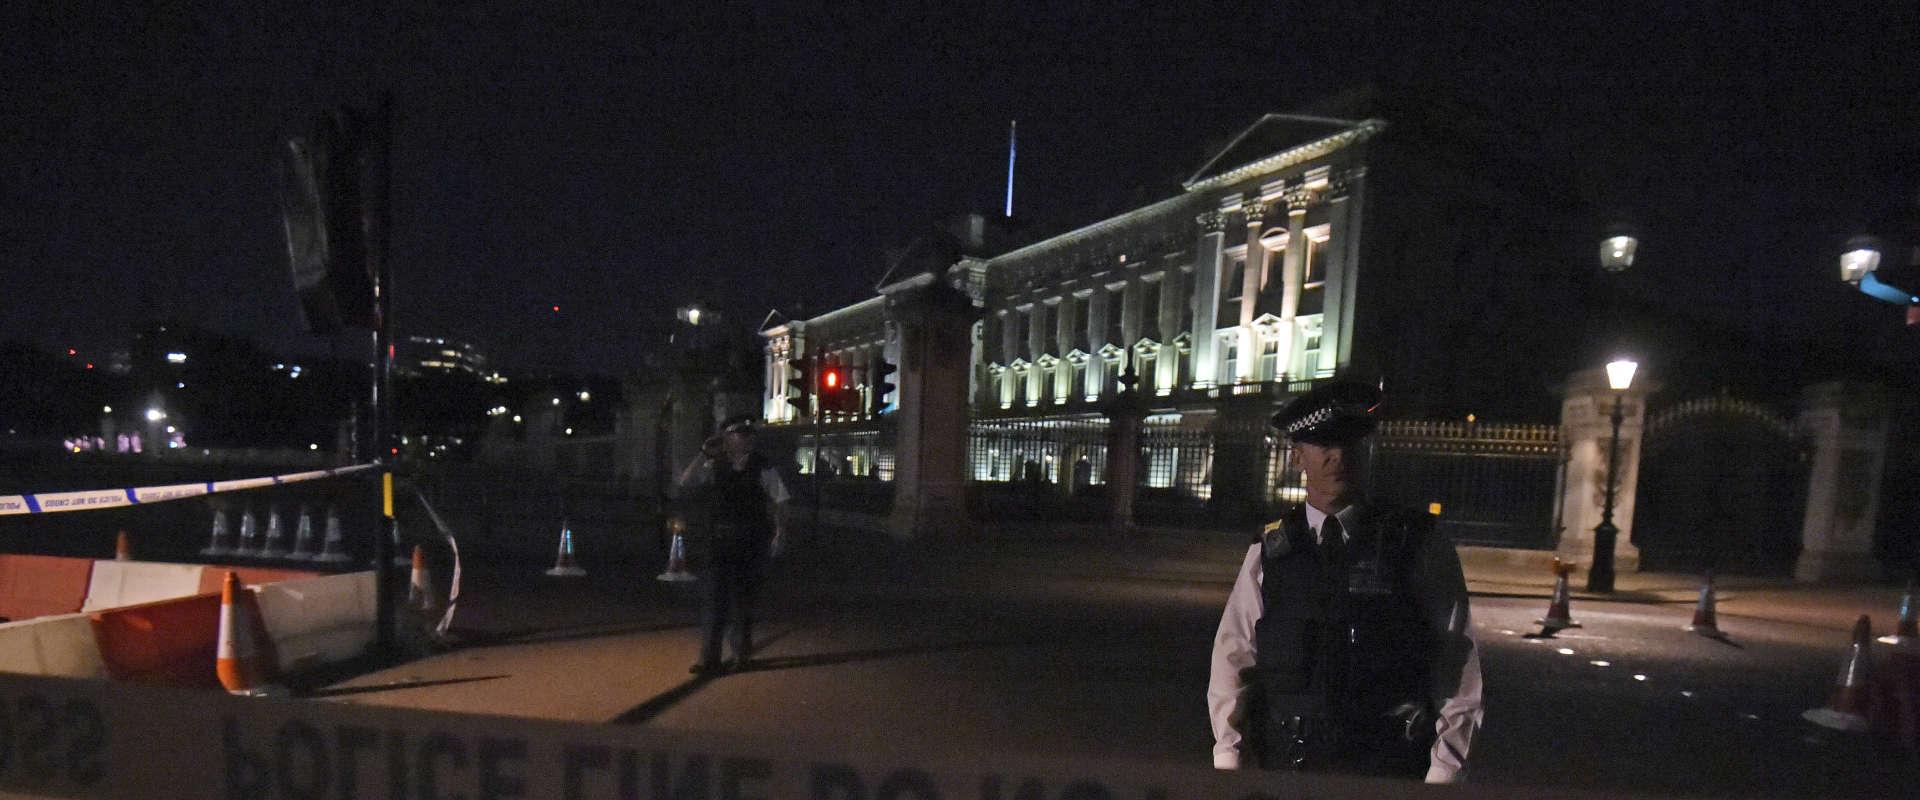 שוטרים ליד ארמון בקינגהאם, אמש